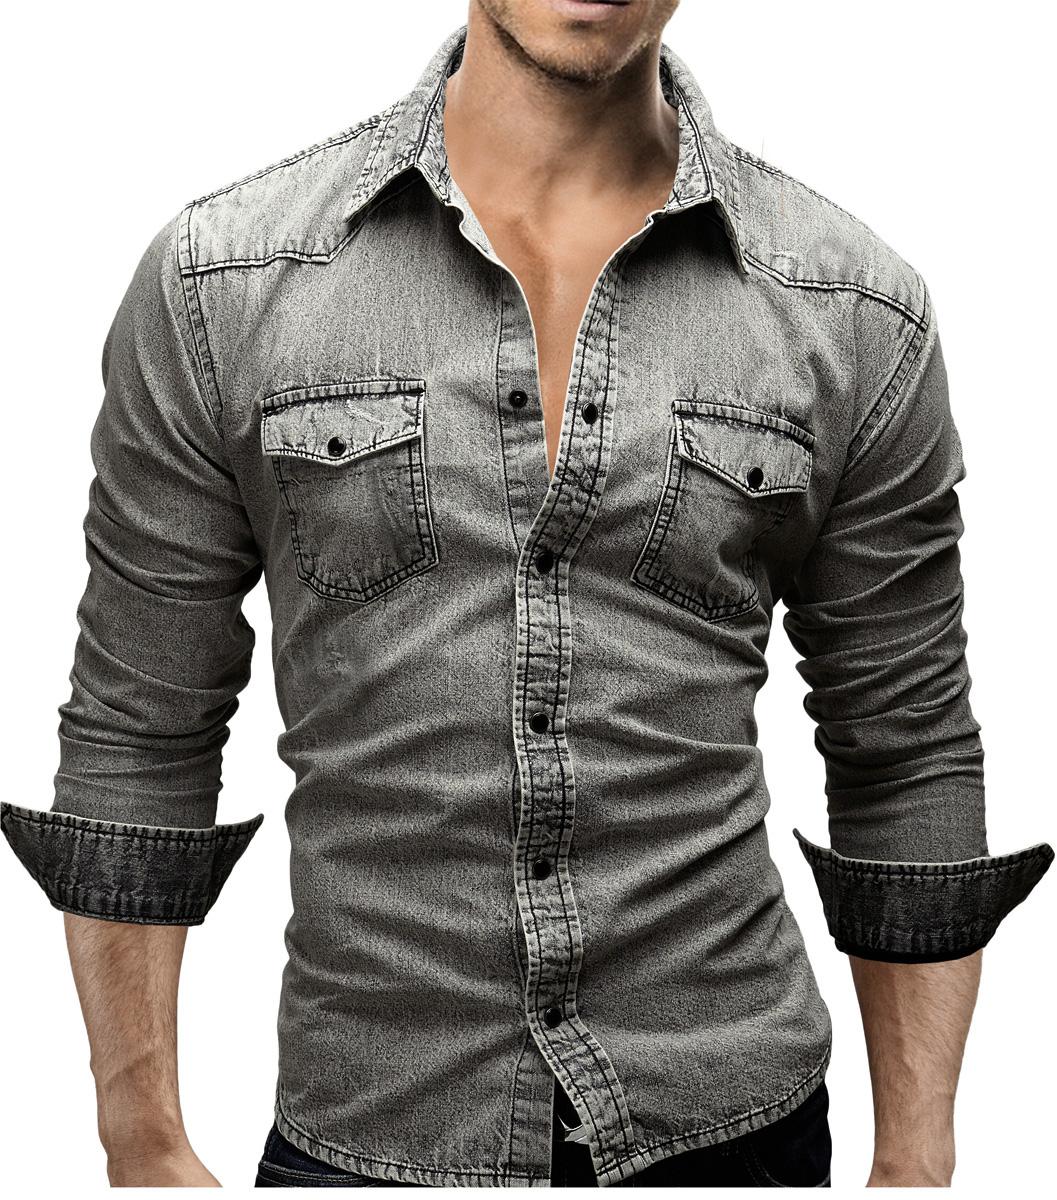 merish chemise homme jeans slim fit coup d 39 oeil utilis style pr s du corps ebay. Black Bedroom Furniture Sets. Home Design Ideas